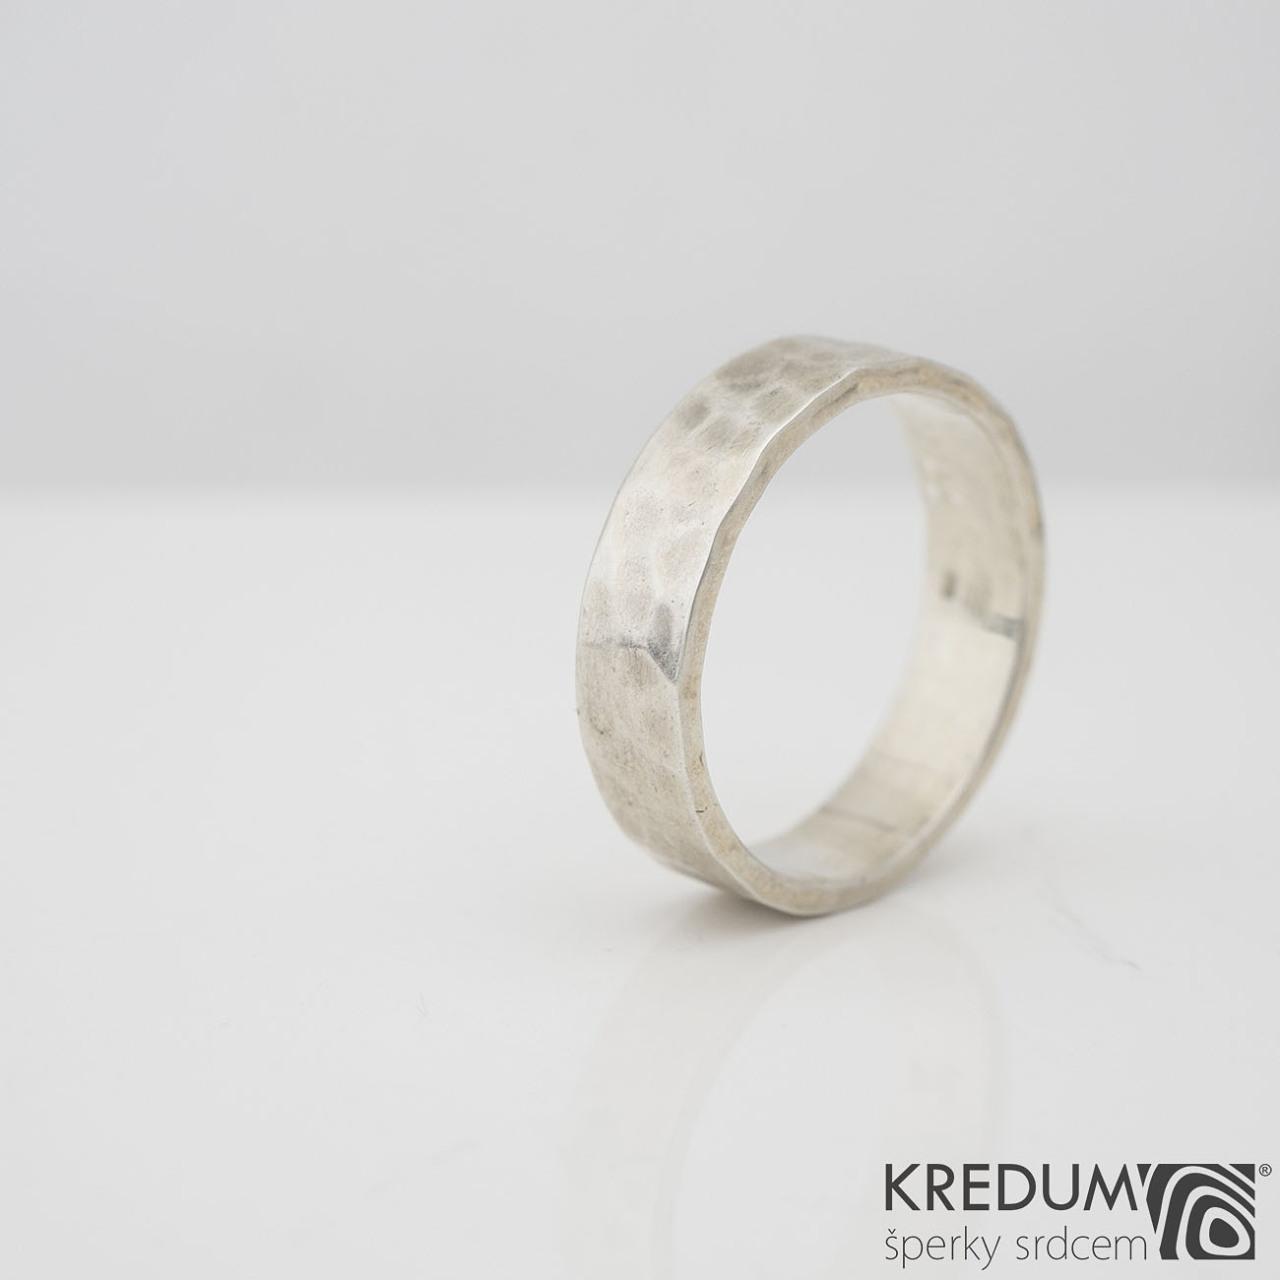 Silver Draill Stribrny Snubni Prsten S2228 Vyroba Hand Made